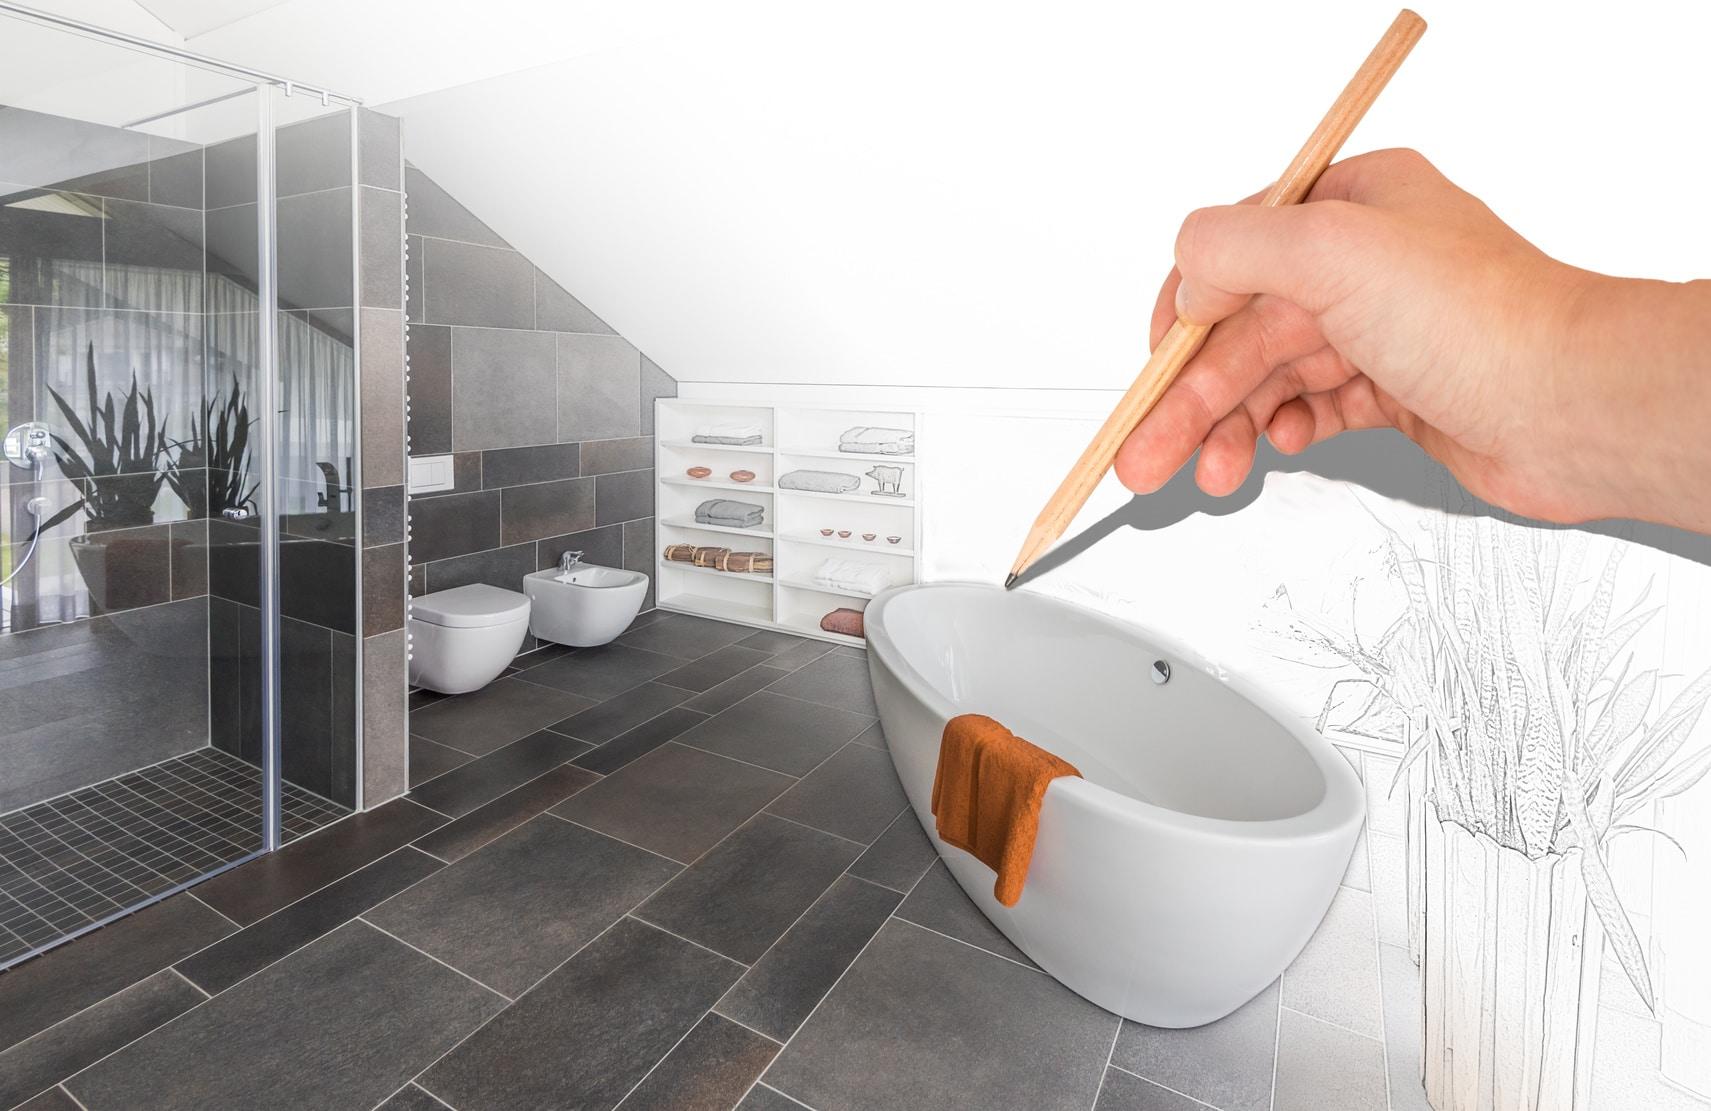 badsanierung m nchen innungsfachbetrieb g bojanovic seit 17 jahren. Black Bedroom Furniture Sets. Home Design Ideas